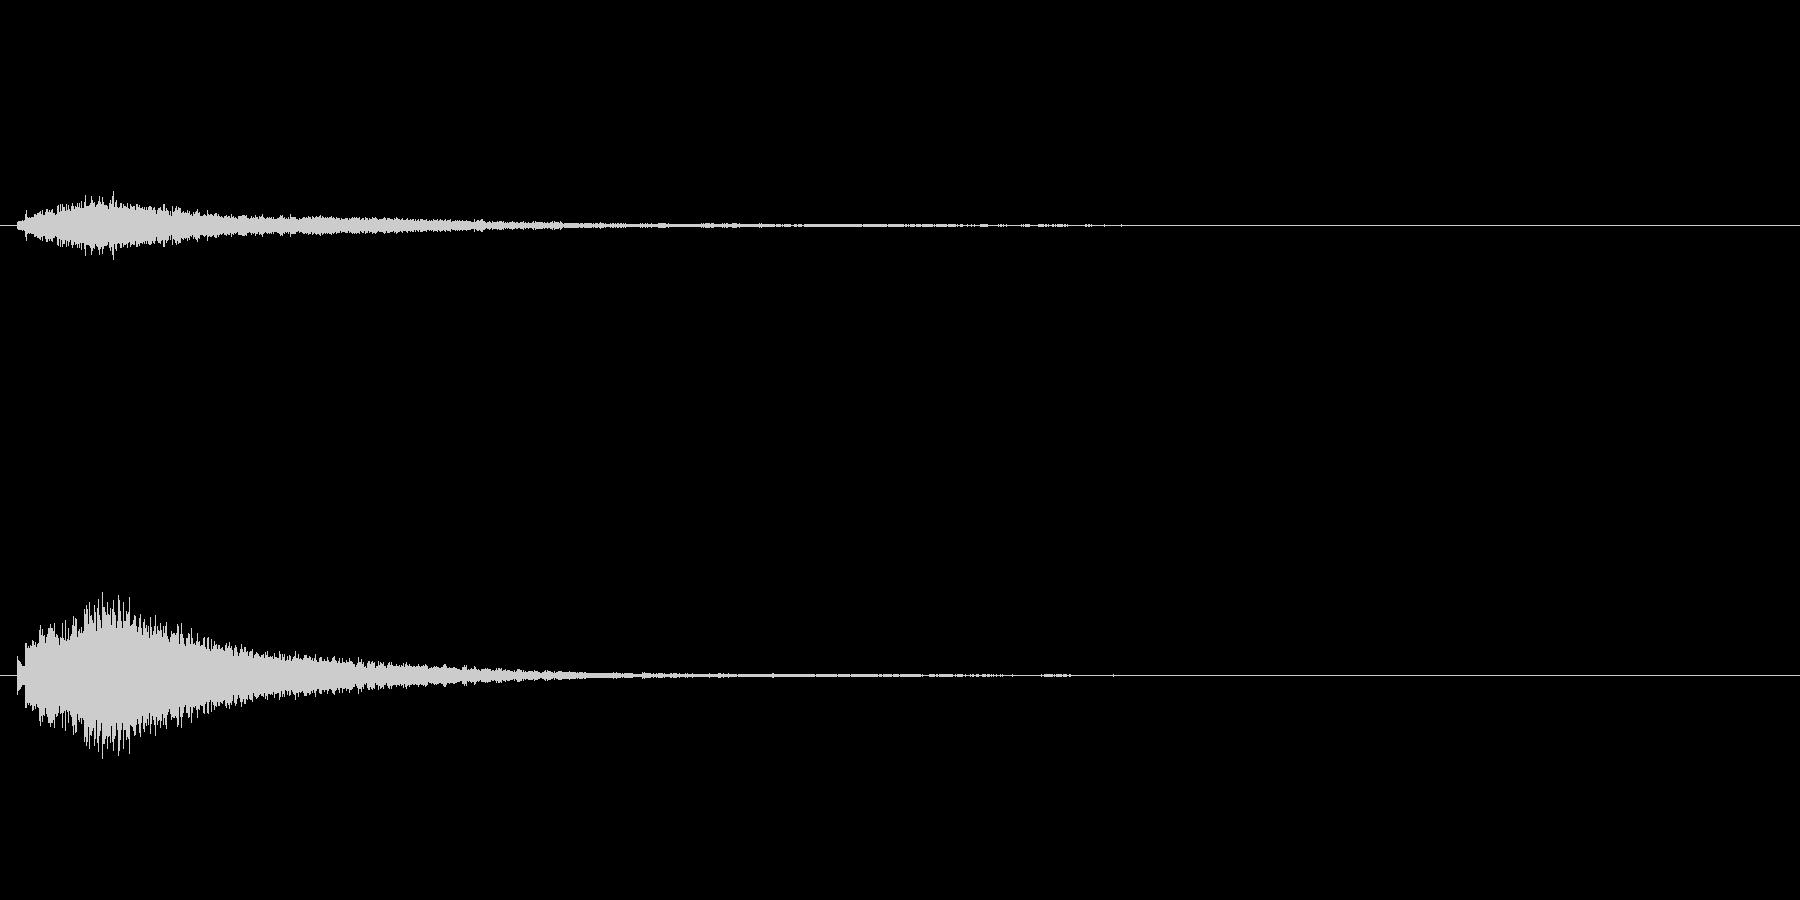 キラキラ系_039の未再生の波形